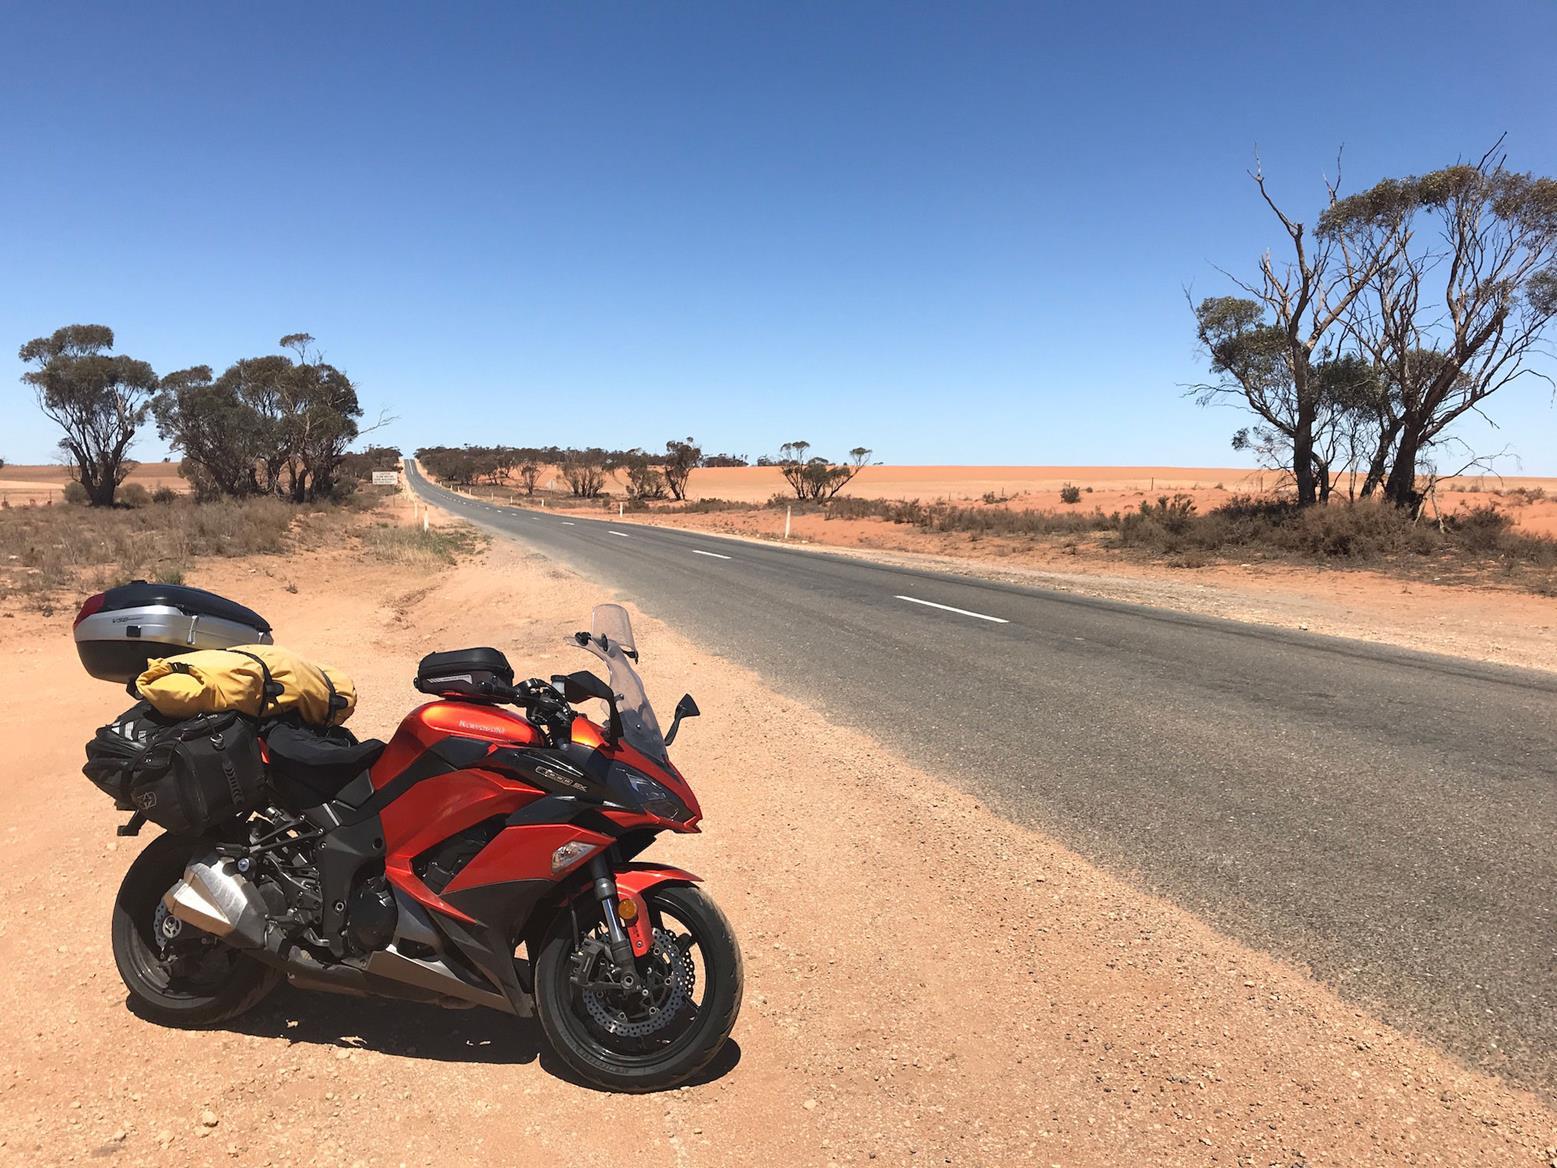 Simon's Kawasaki Z1000SX in the Outback